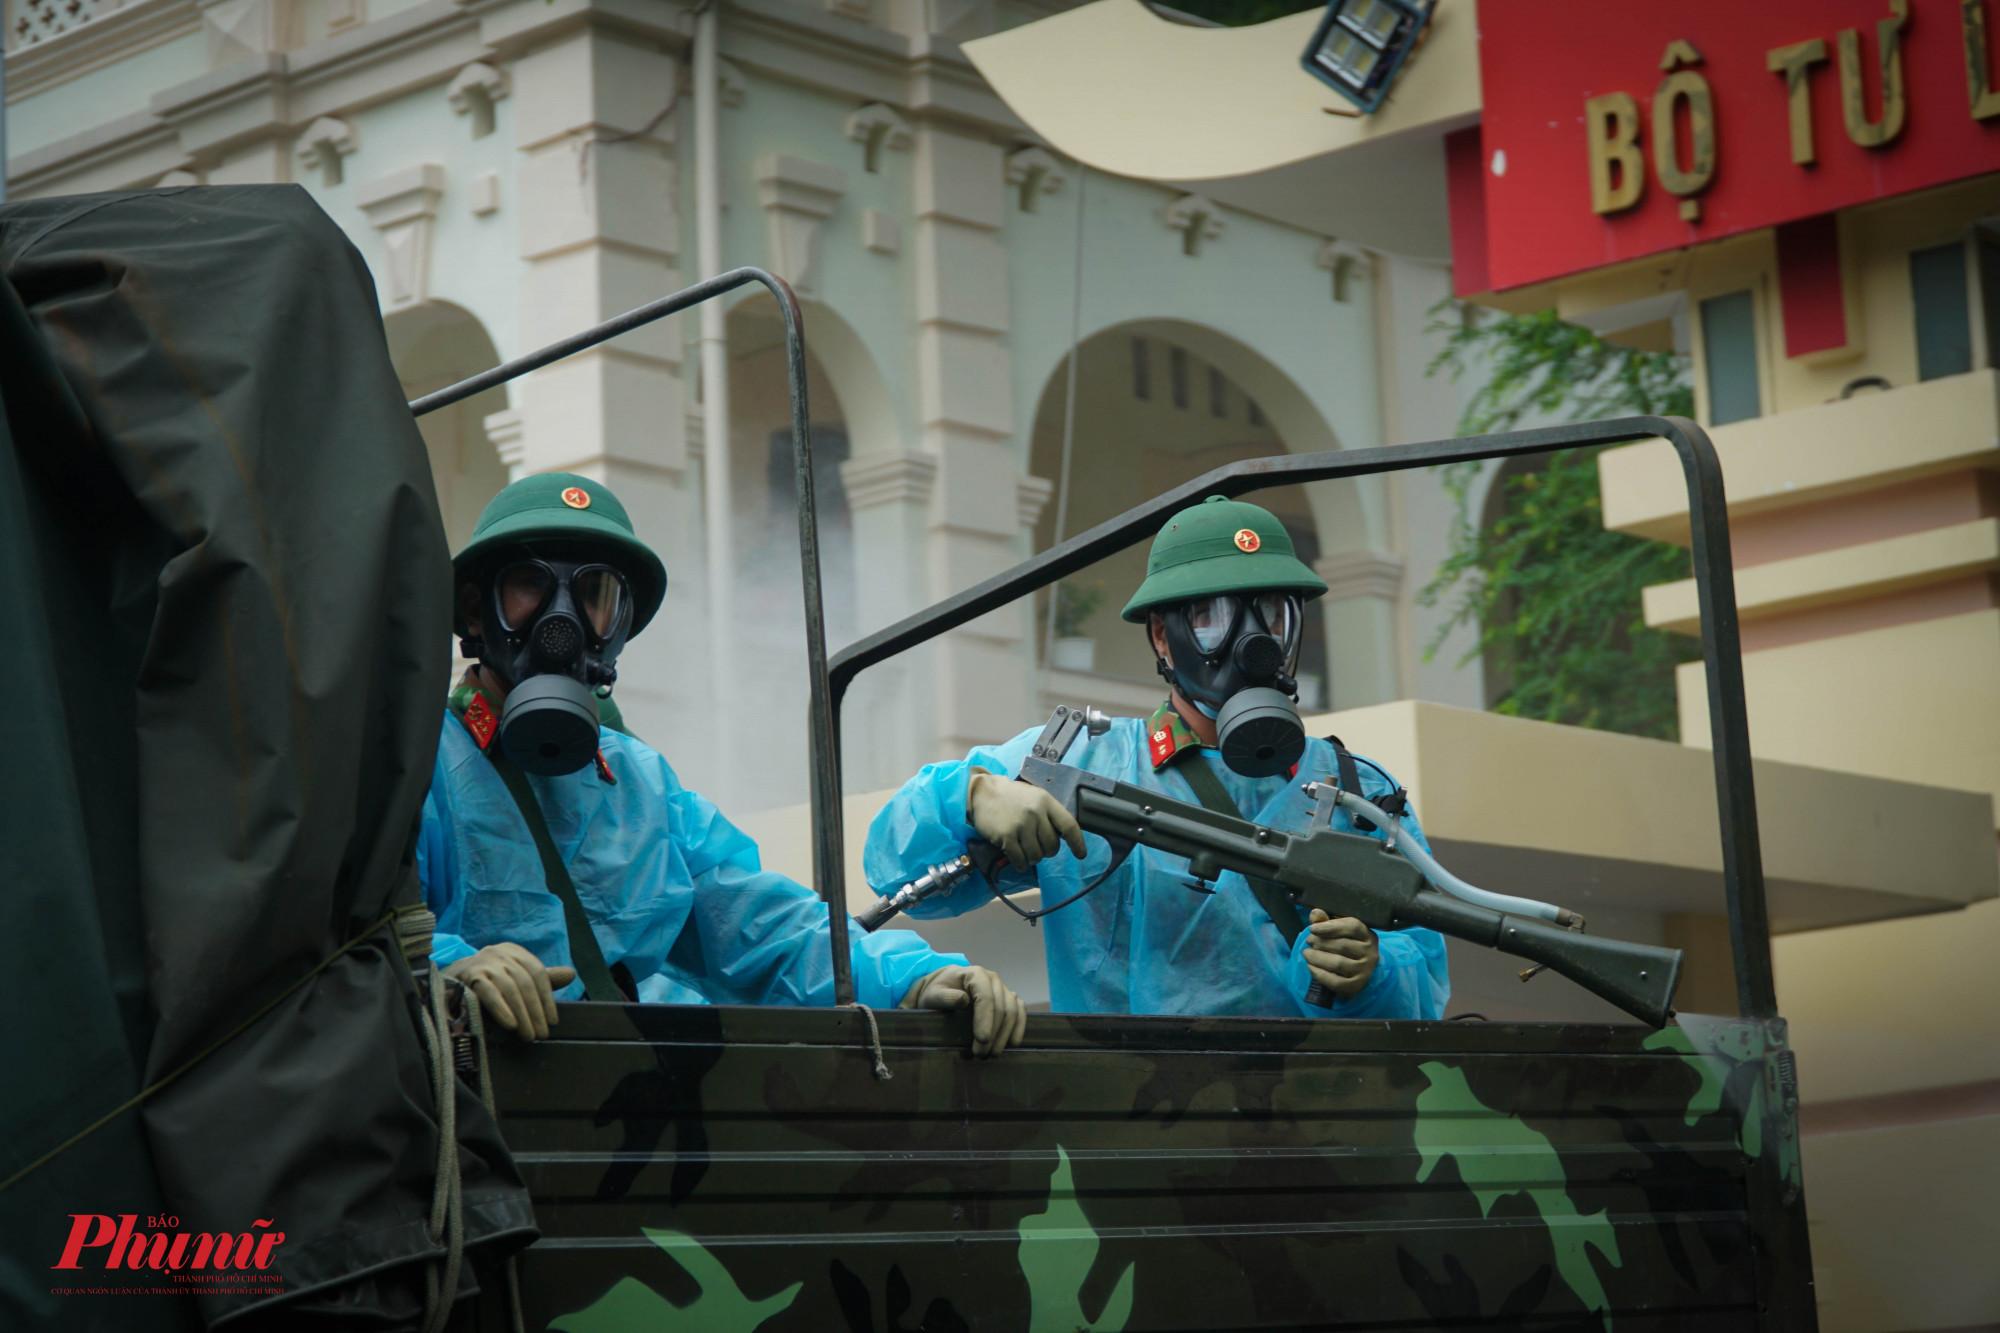 Lực lượng  được trang bị đồ bảo hộ đảo bảo sức khỏe trong quá trình làm nhiệm vụ